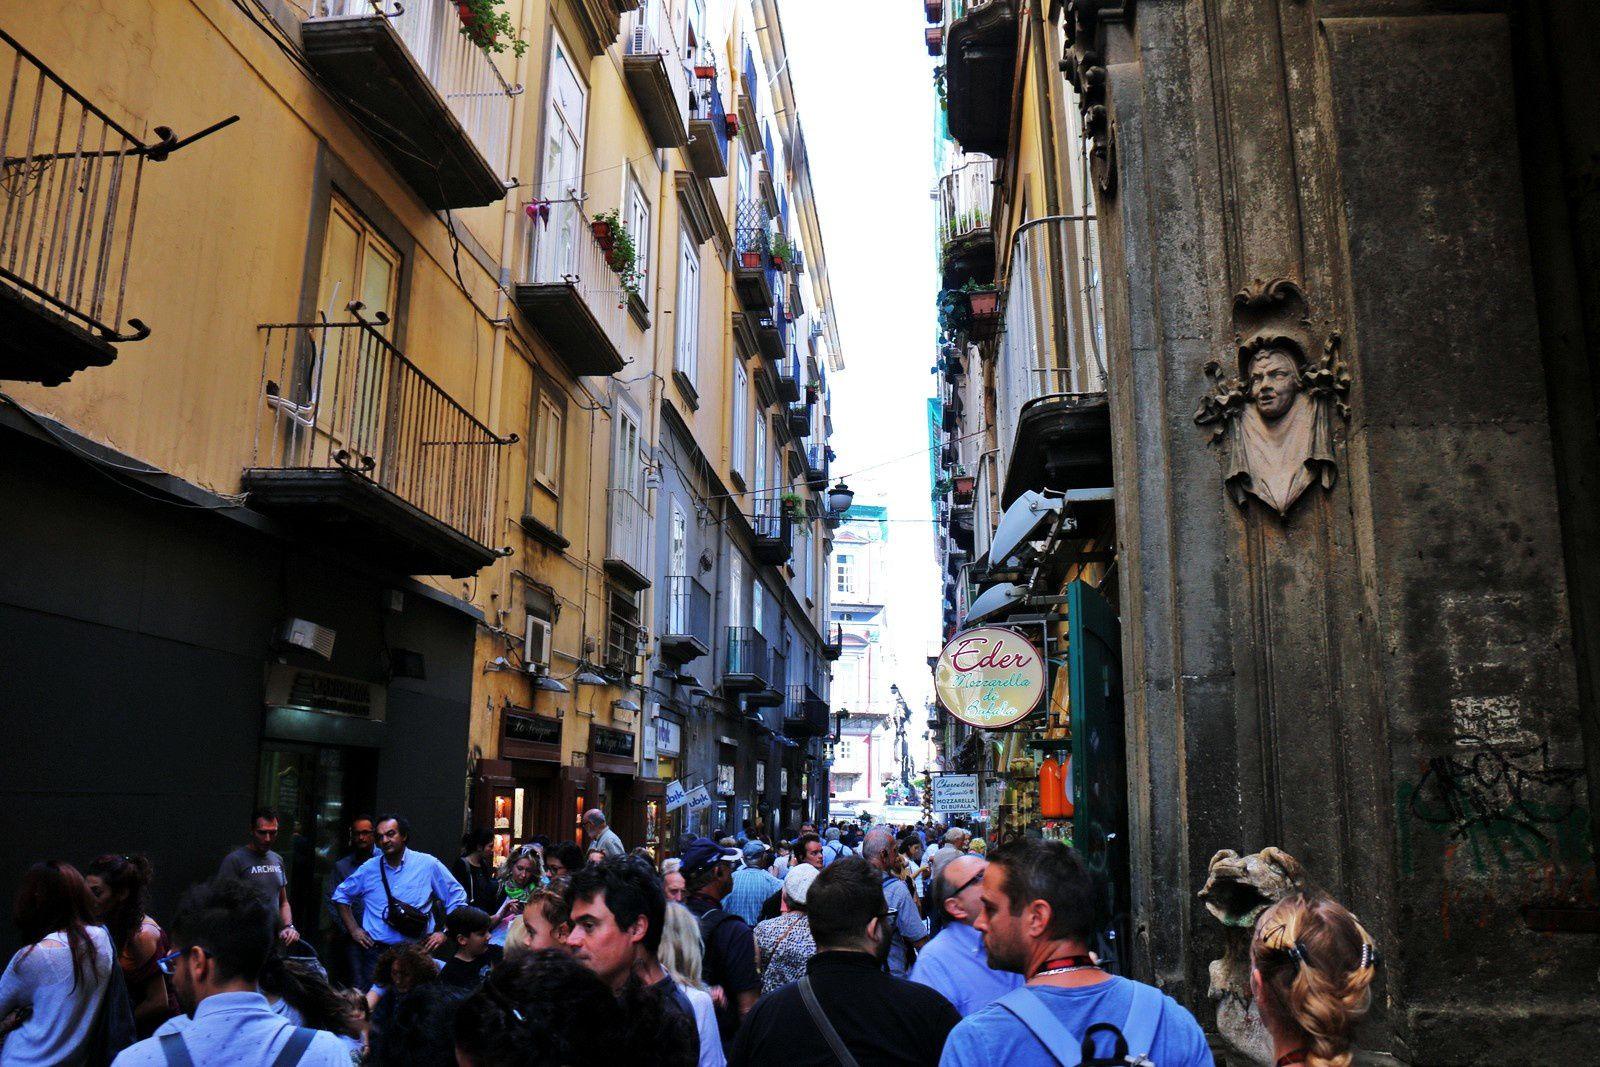 Polichinelle et le Baiser dans les ruelles de Naples